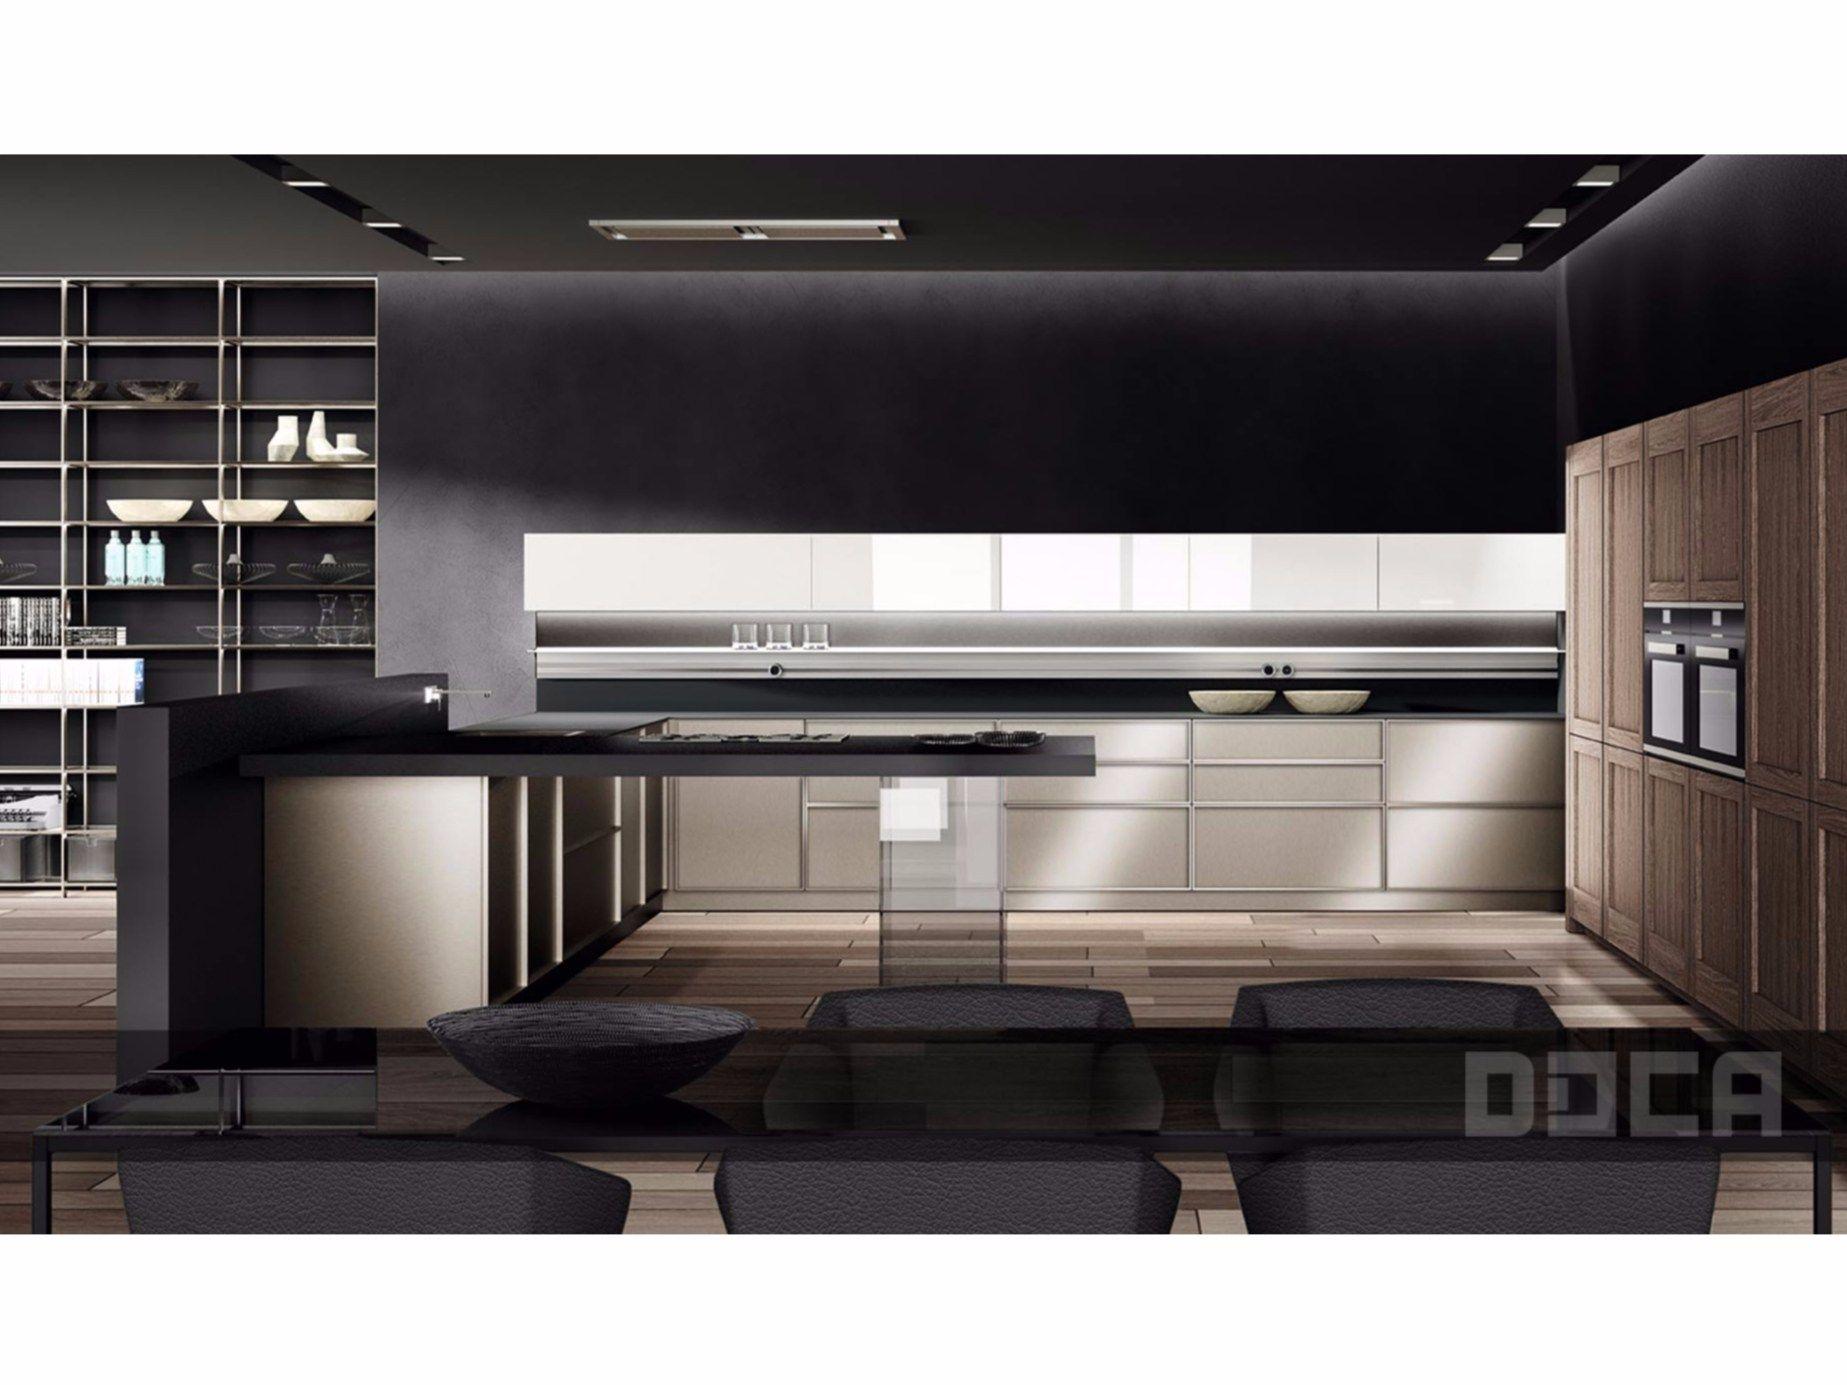 Küche mit halbinsel anvil acero frame karee ideco blanco by doca